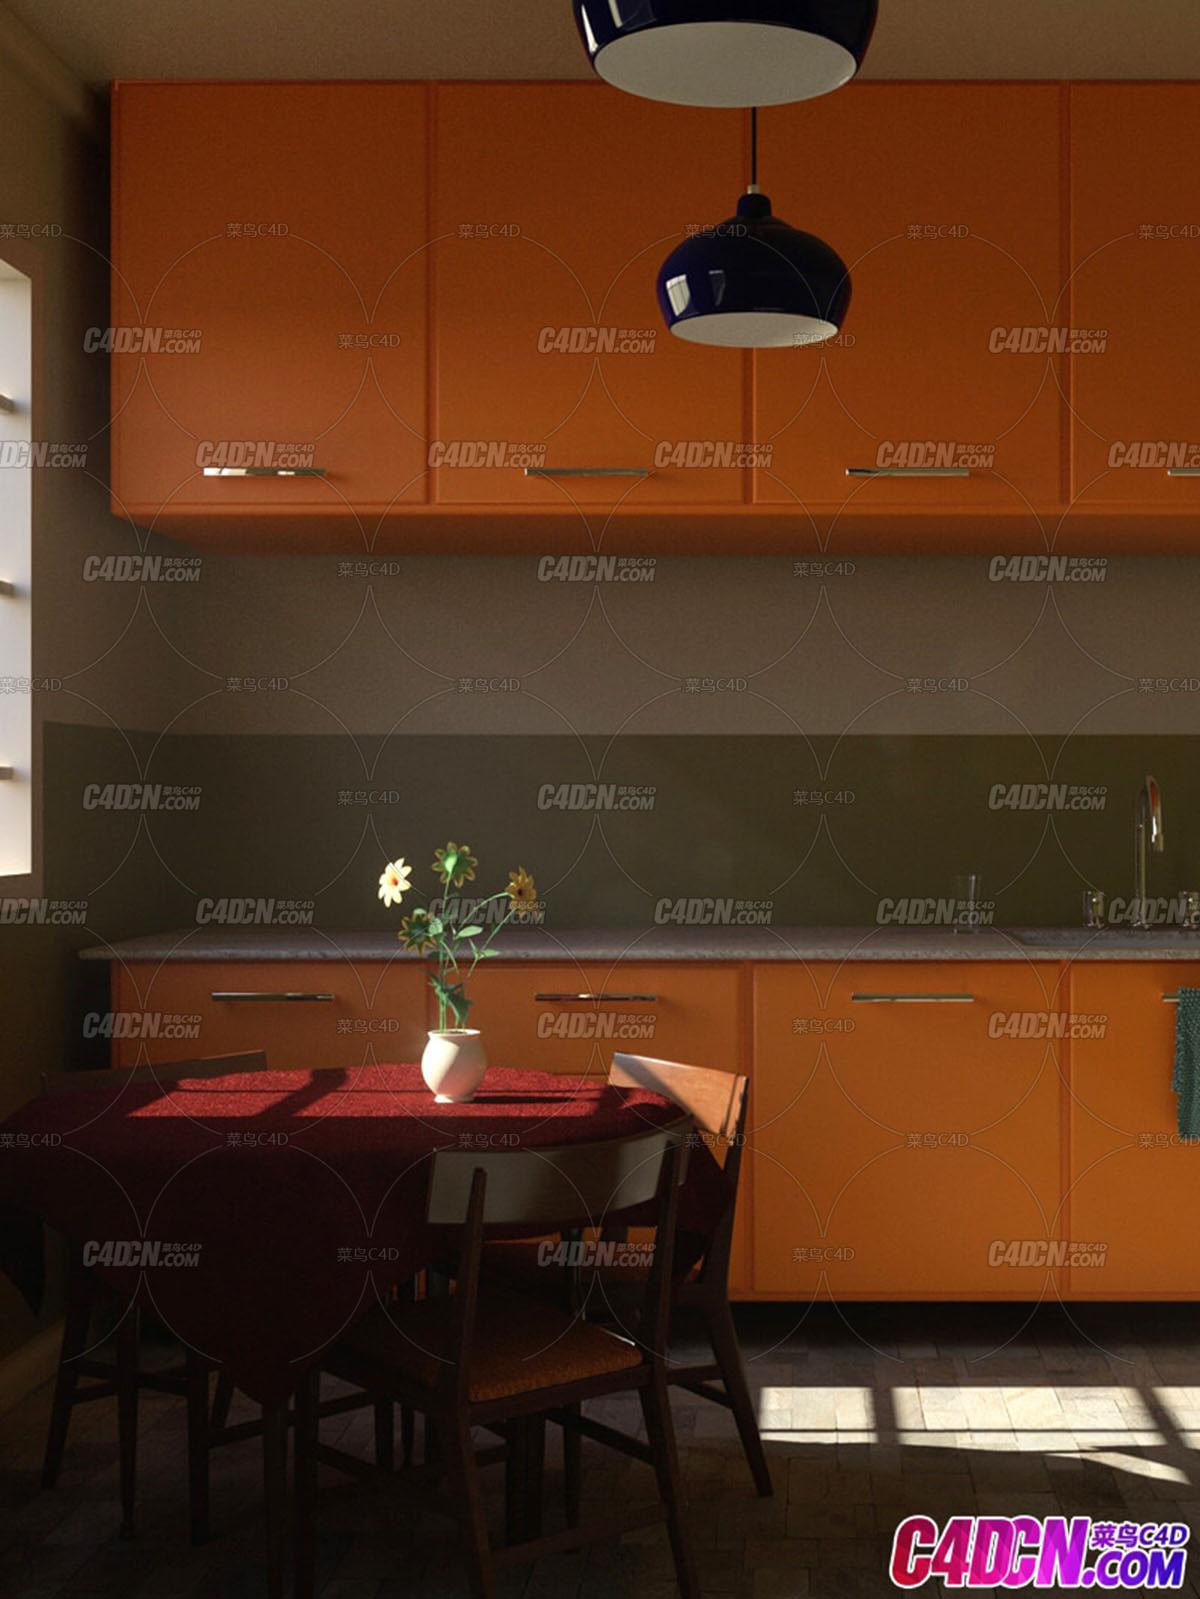 C4D模型 Octane渲染器厨房餐桌花瓶橱柜整体室内工程材质渲染模型